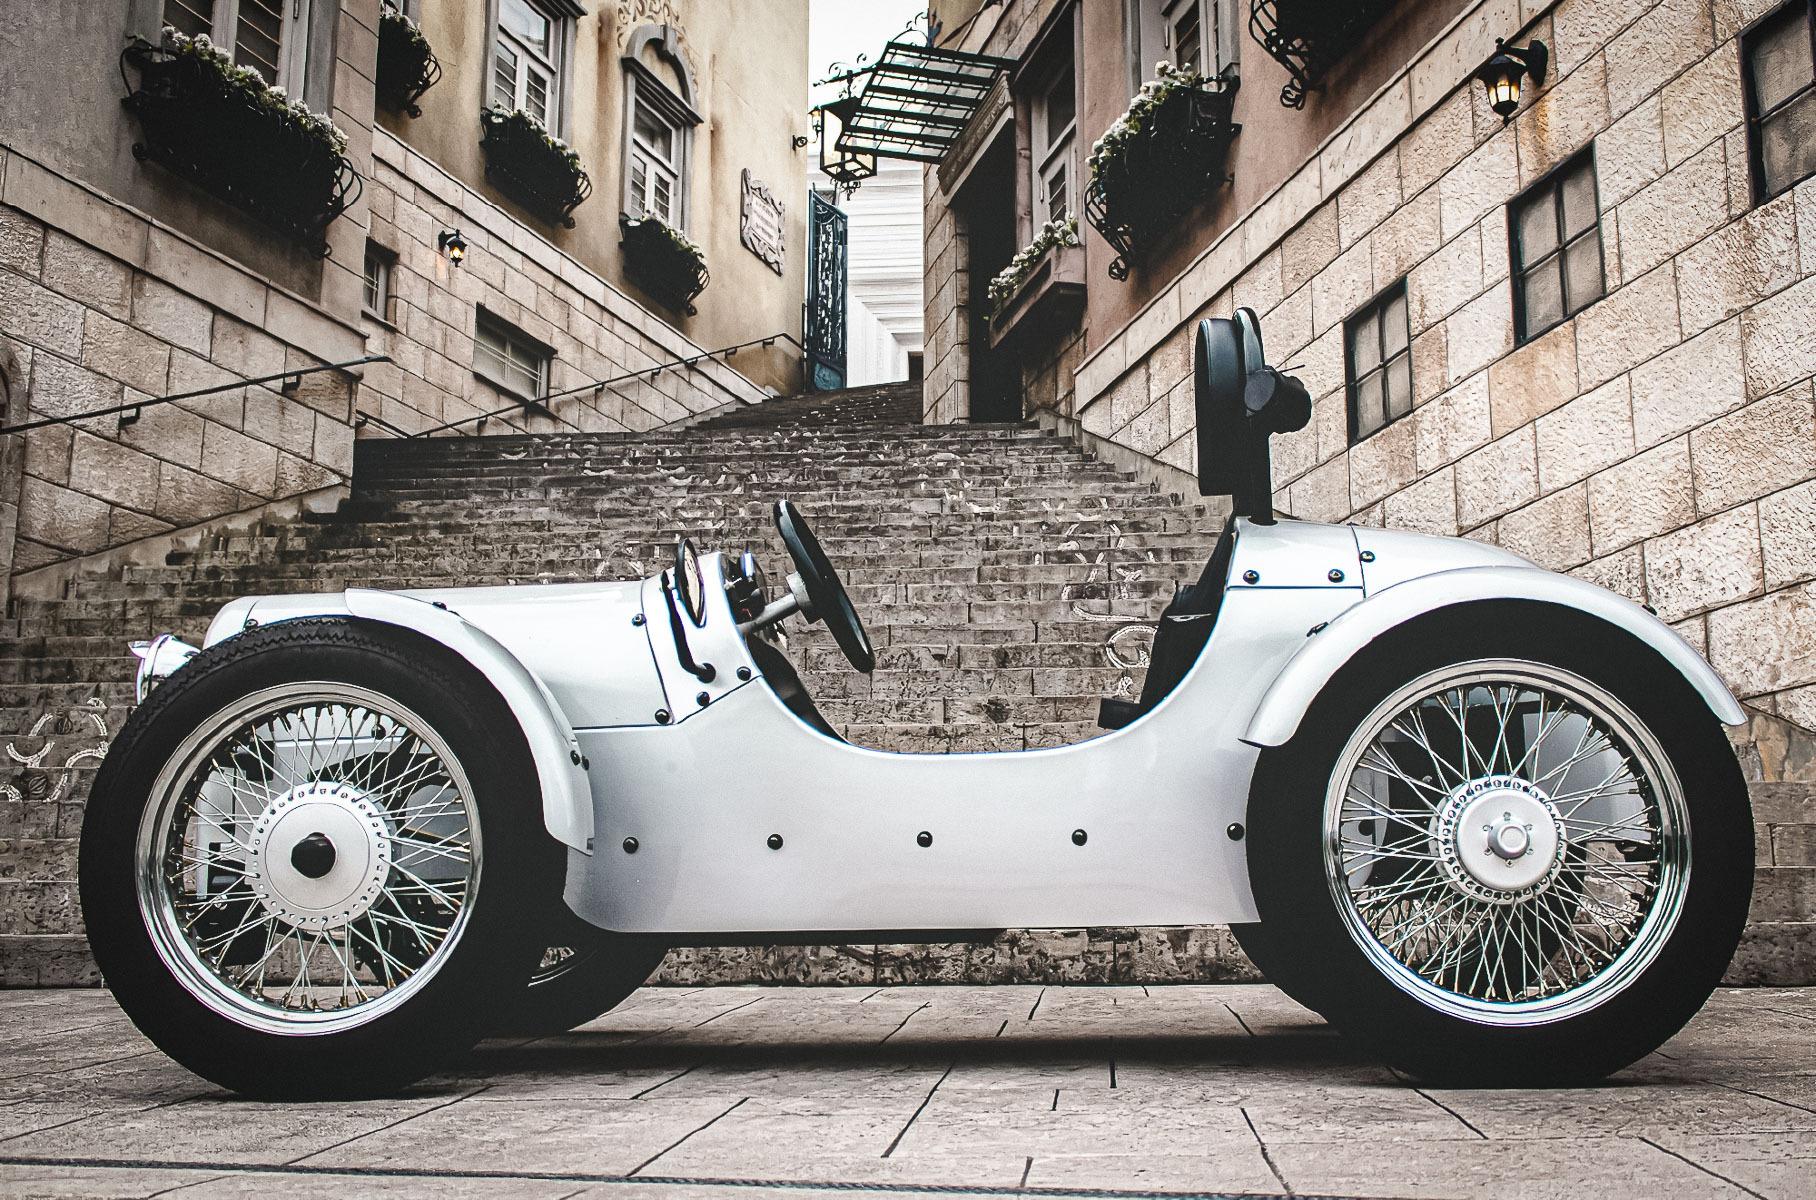 Японская компания Blaze представила EV Classic – электрокар, облик которого отсылает к автомобилям начала ХХ века. Цены начинаются с 880 000 йен.